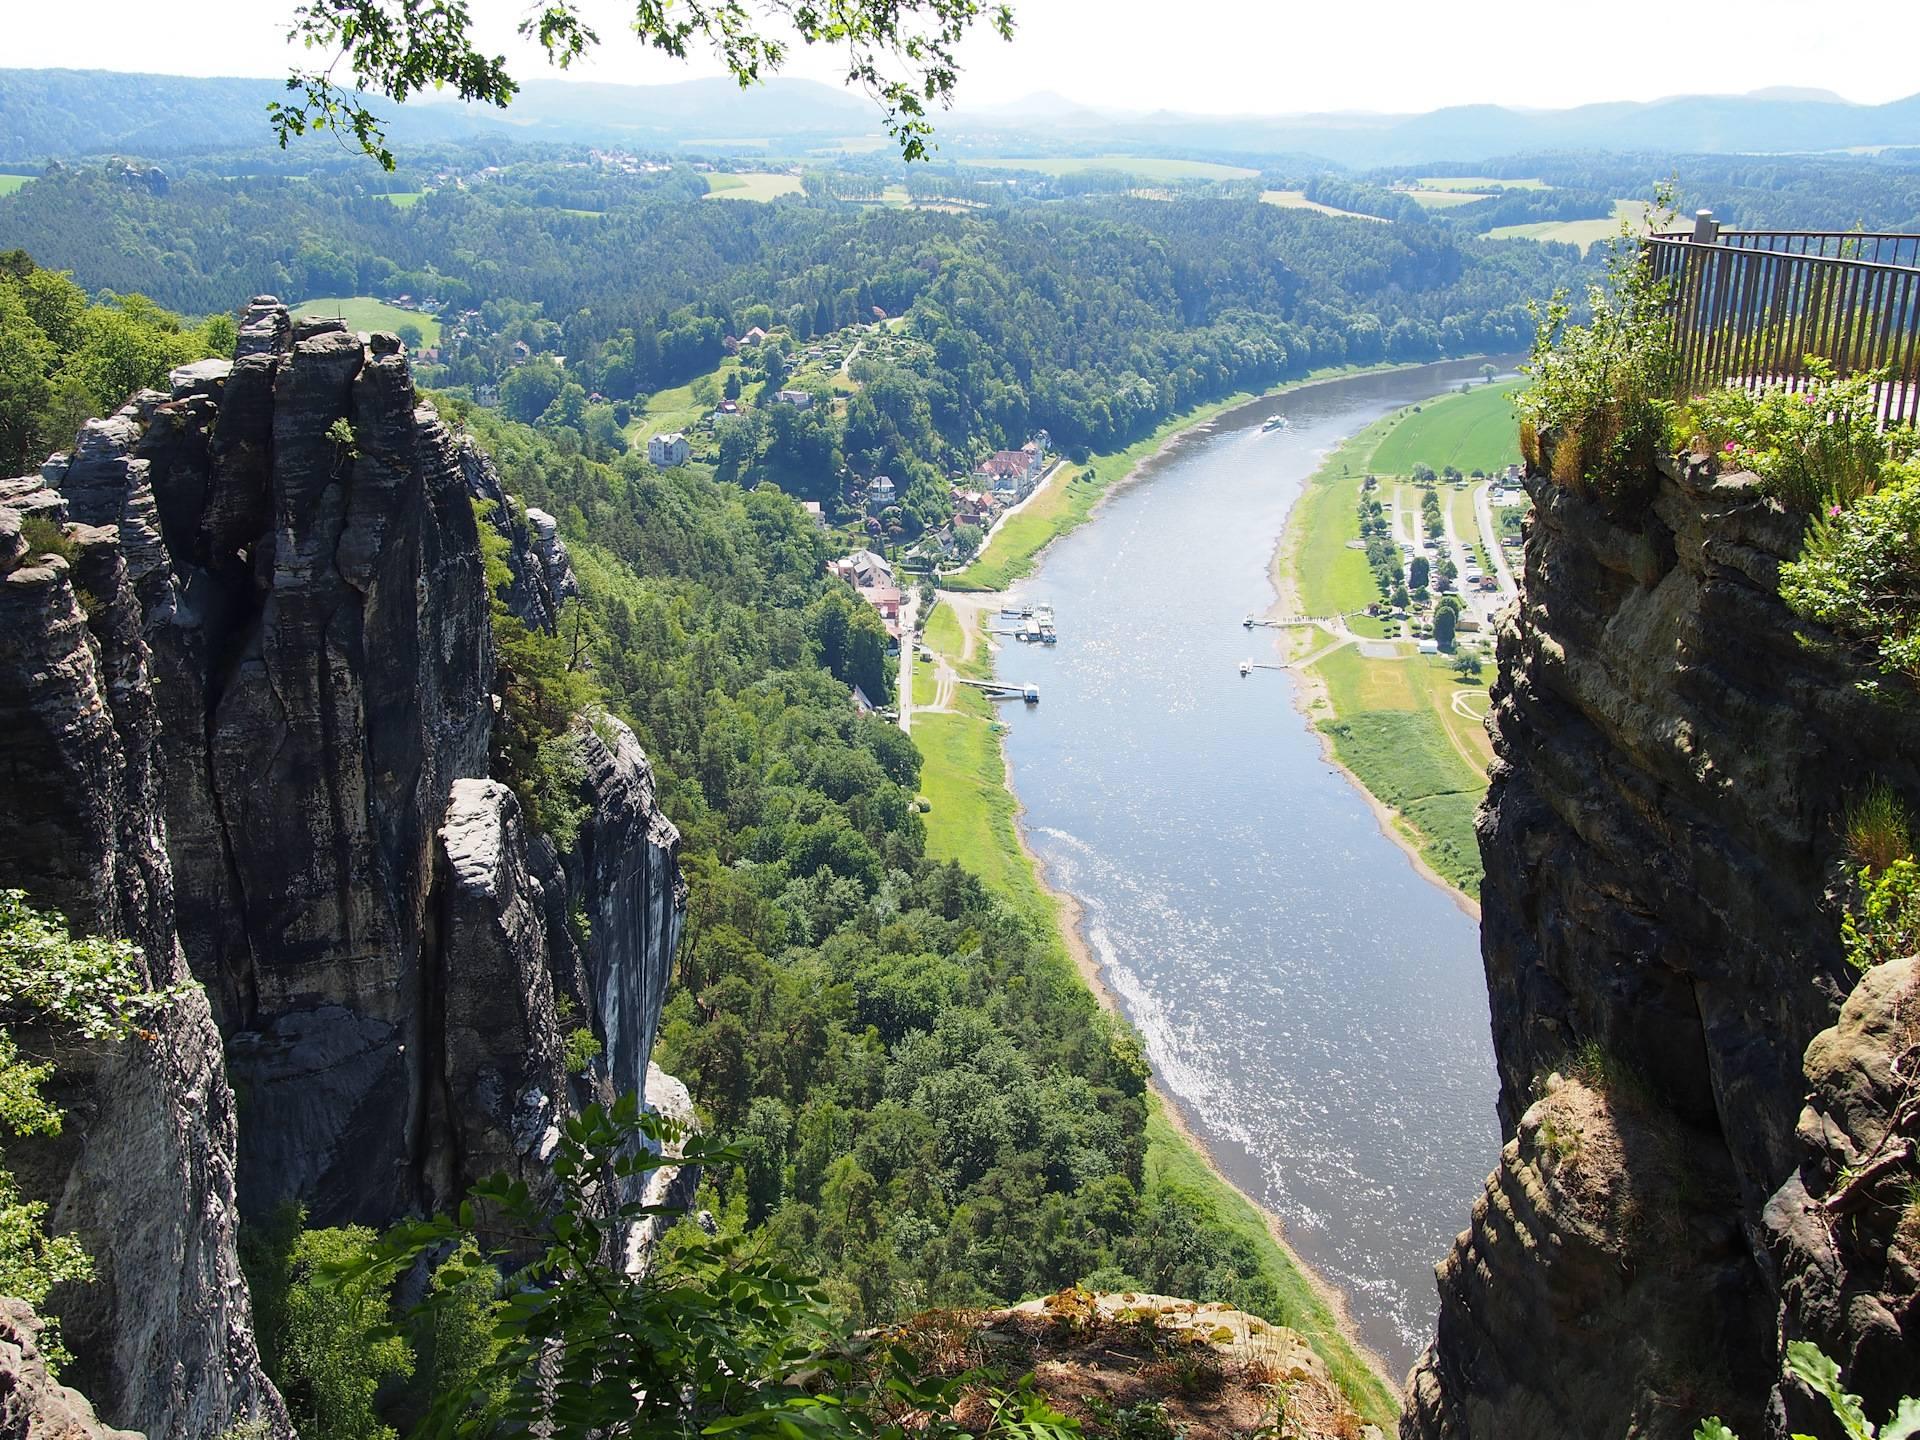 Саксонская швейцария: фото, отзывы. как добраться, что посмотреть? саксонская швейцария и крепость кёнигштайн – заповедник, окутанный легендами